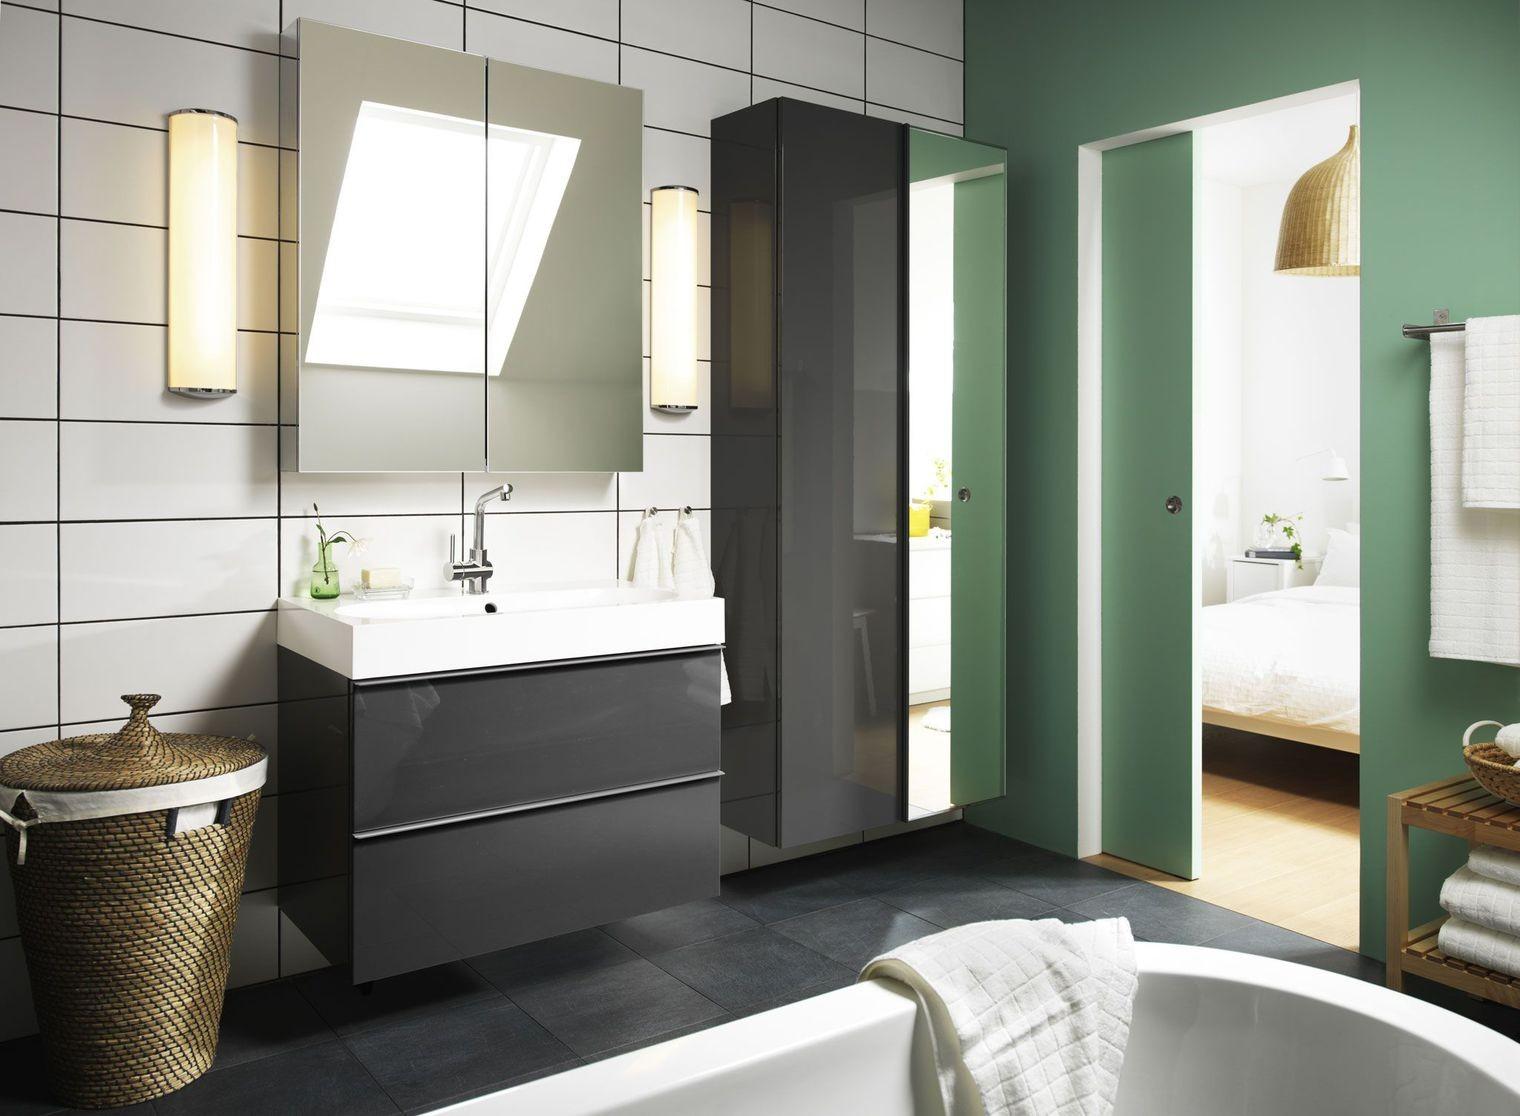 armoire salle de bain ikea armoire id es de d coration de maison v0l4rpybpv